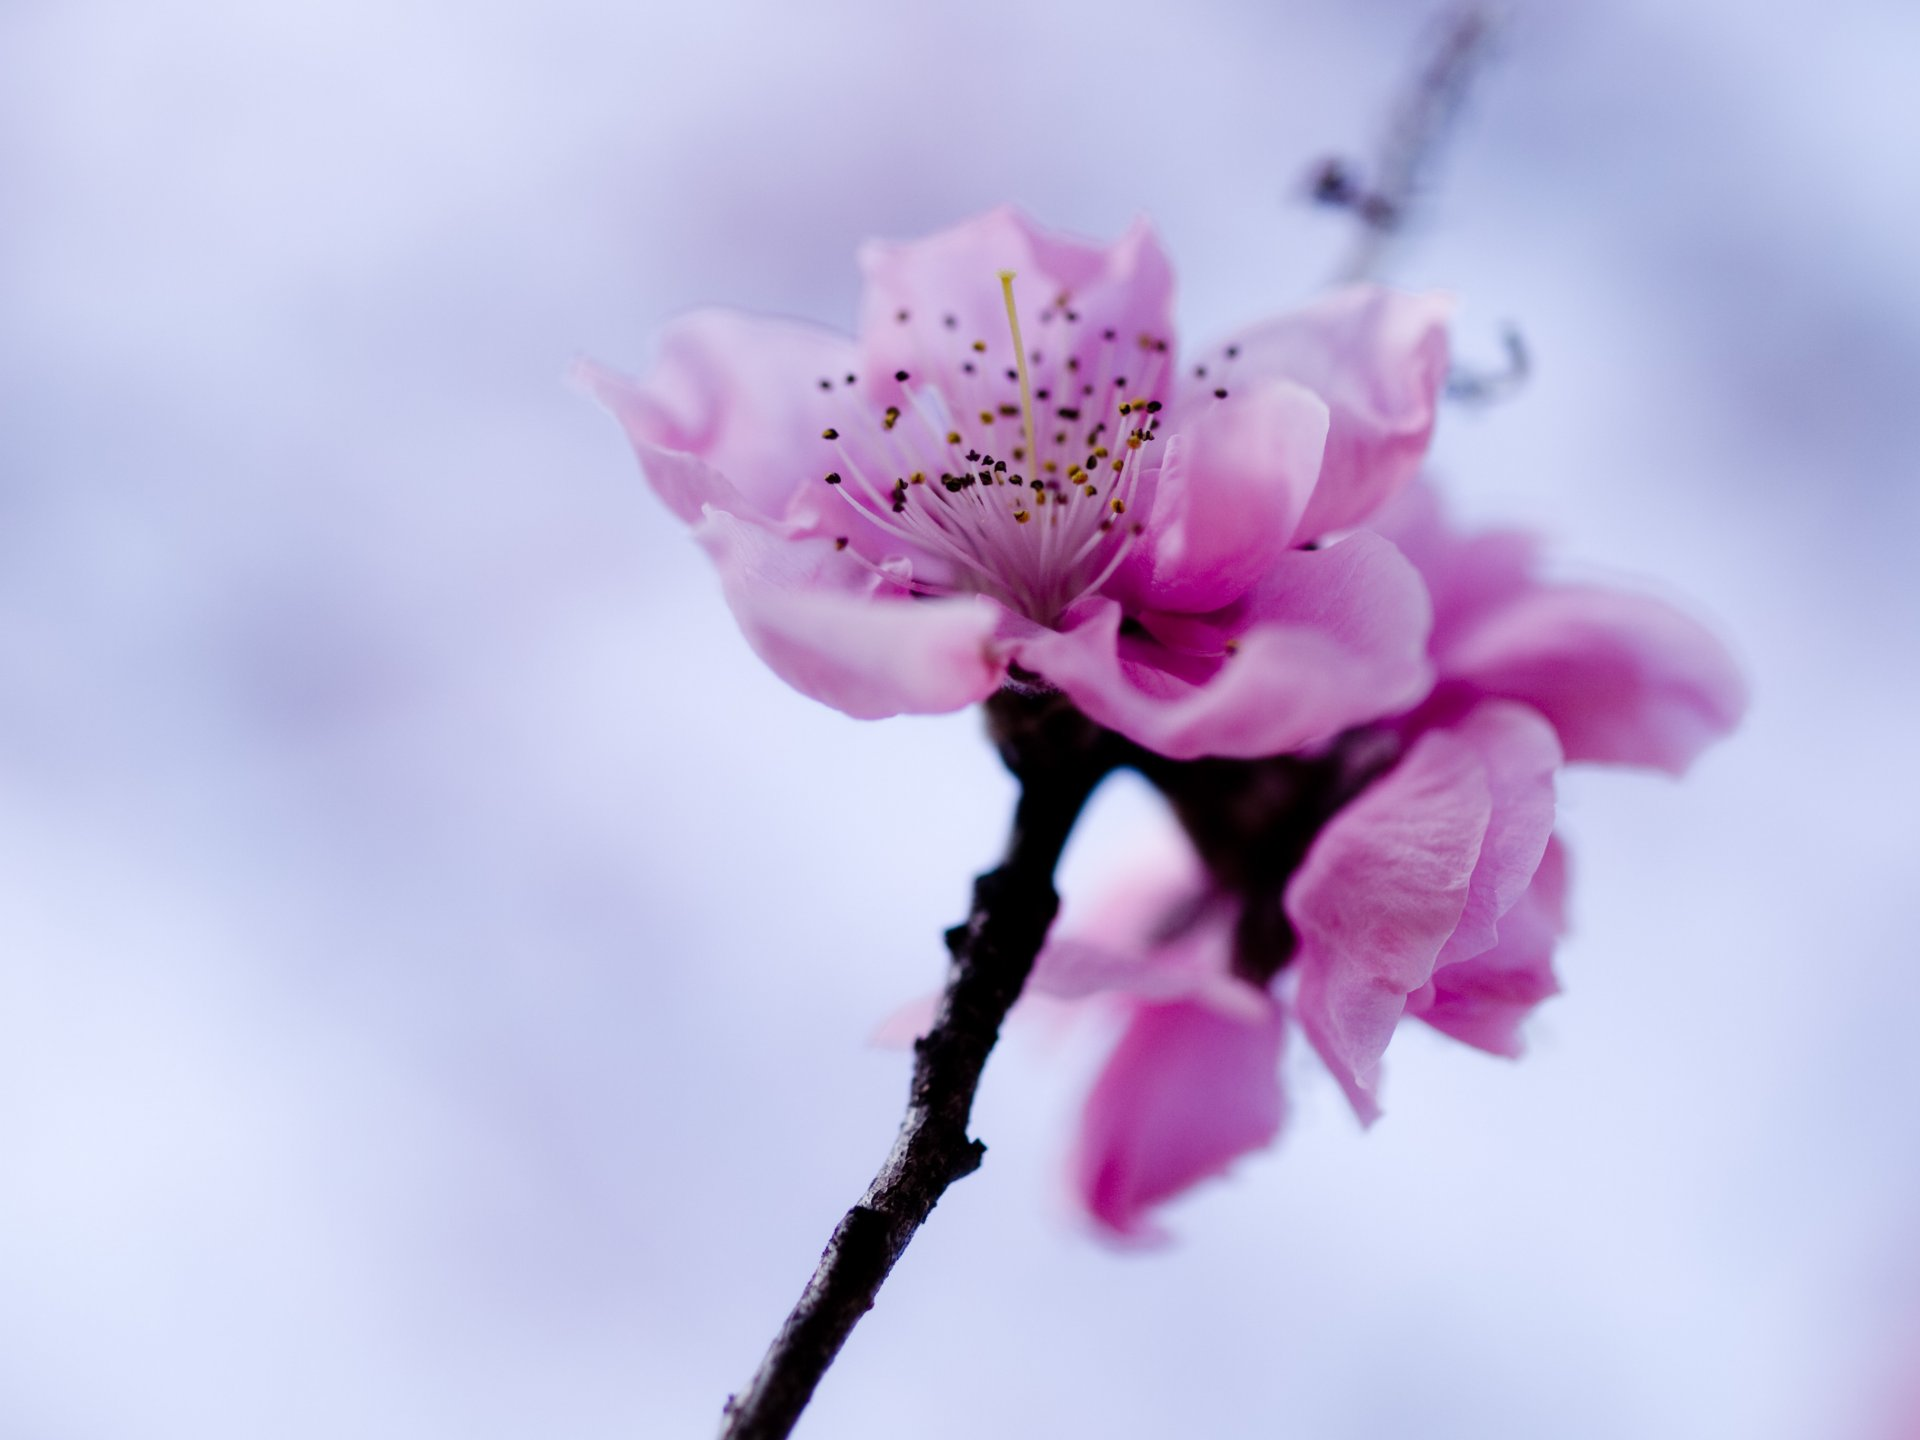 платежное картинки для ноутбука весна туда ваши файлы